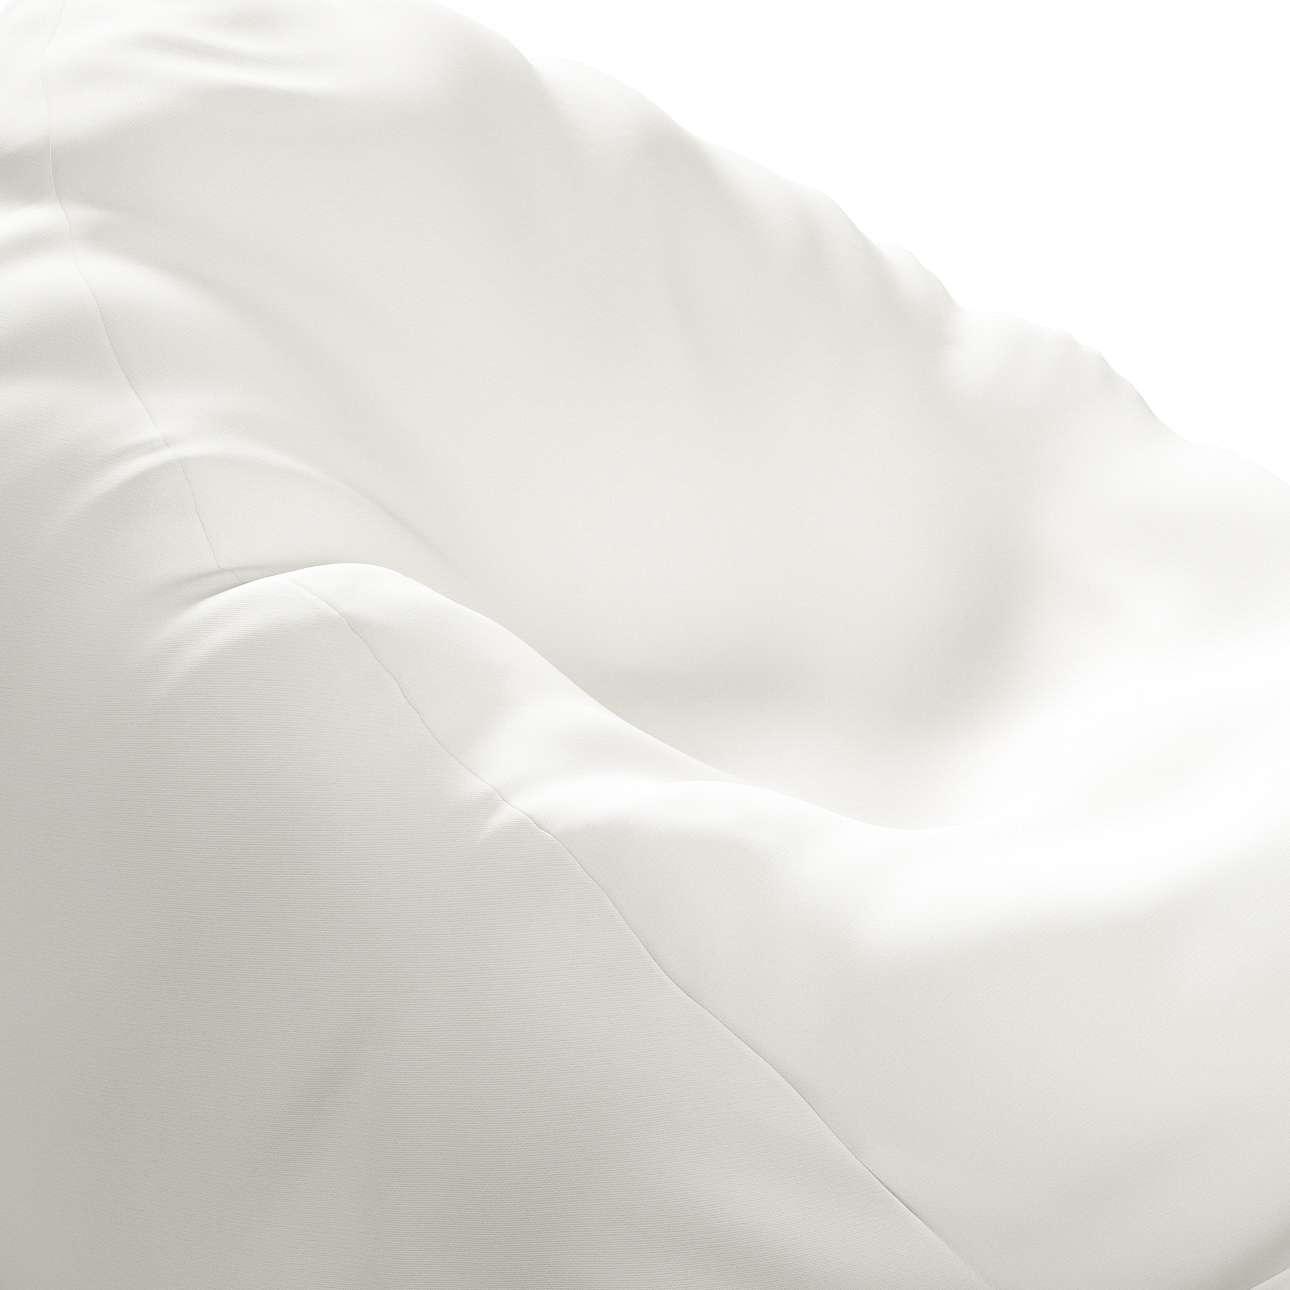 Worek do siedzenia Bowli w kolekcji Cotton Story, tkanina: 702-34